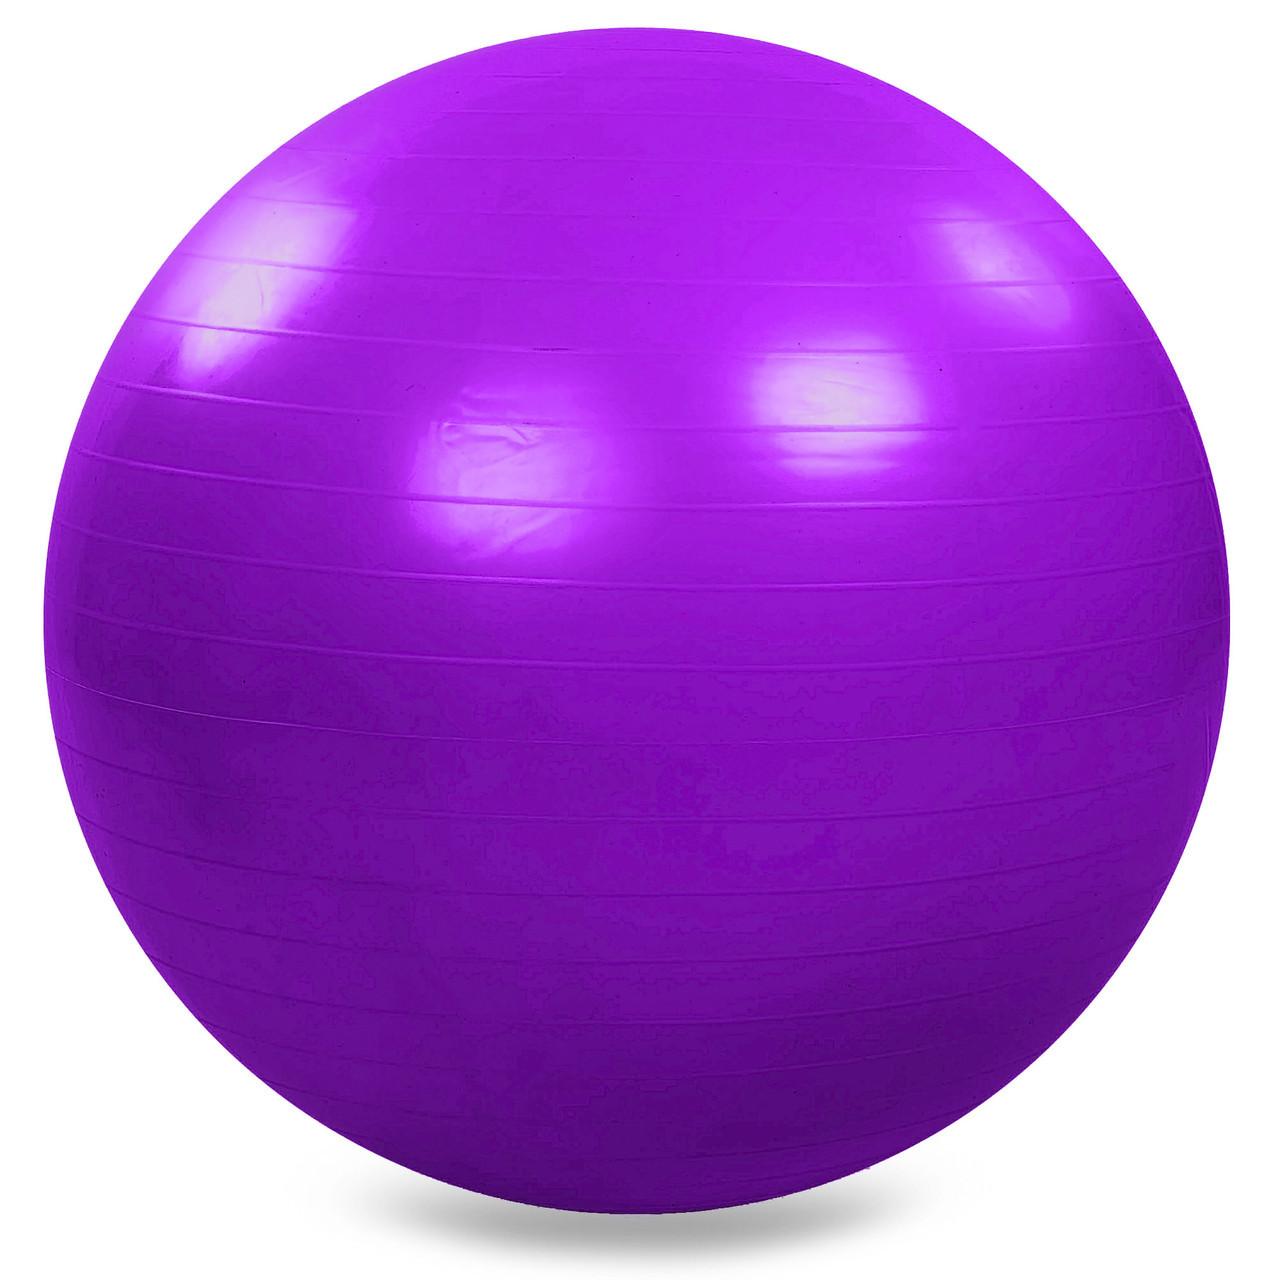 Мяч для фитнеса (фитбол) гладкий глянцевый 75см Zelart FI-1981-75 Темно-фиолетовый